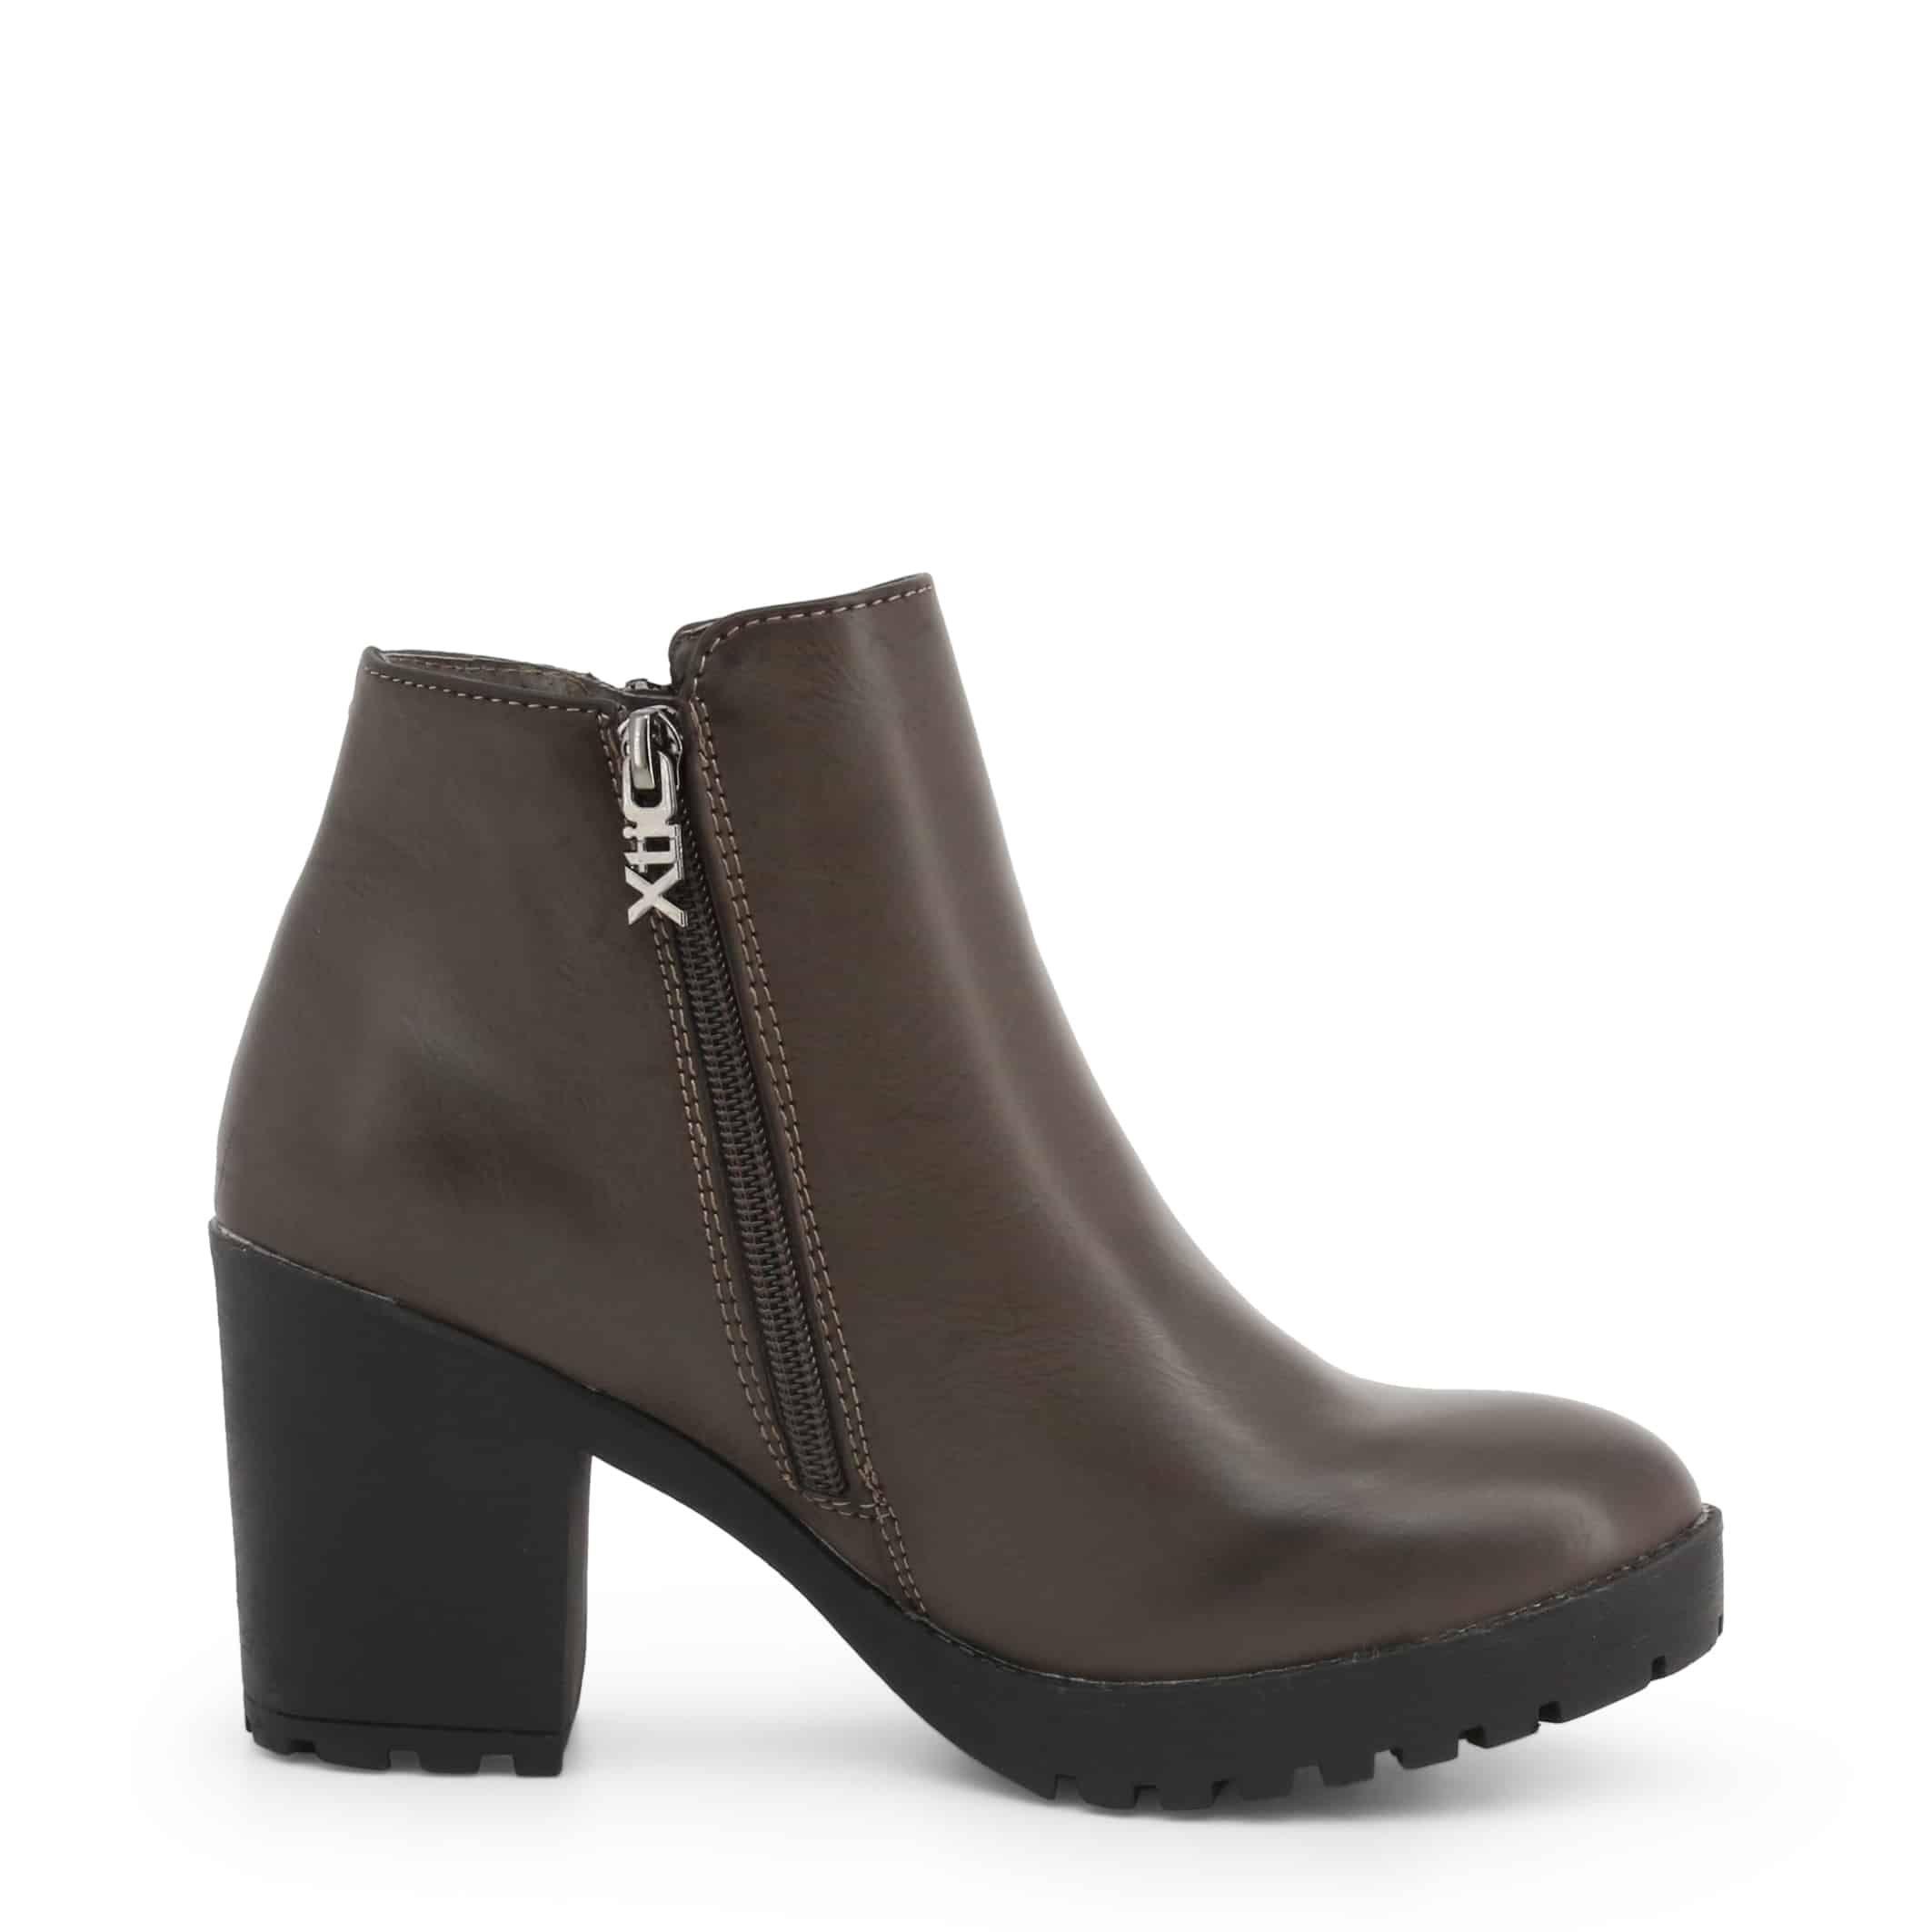 Xti - 48456 | You Fashion Outlet